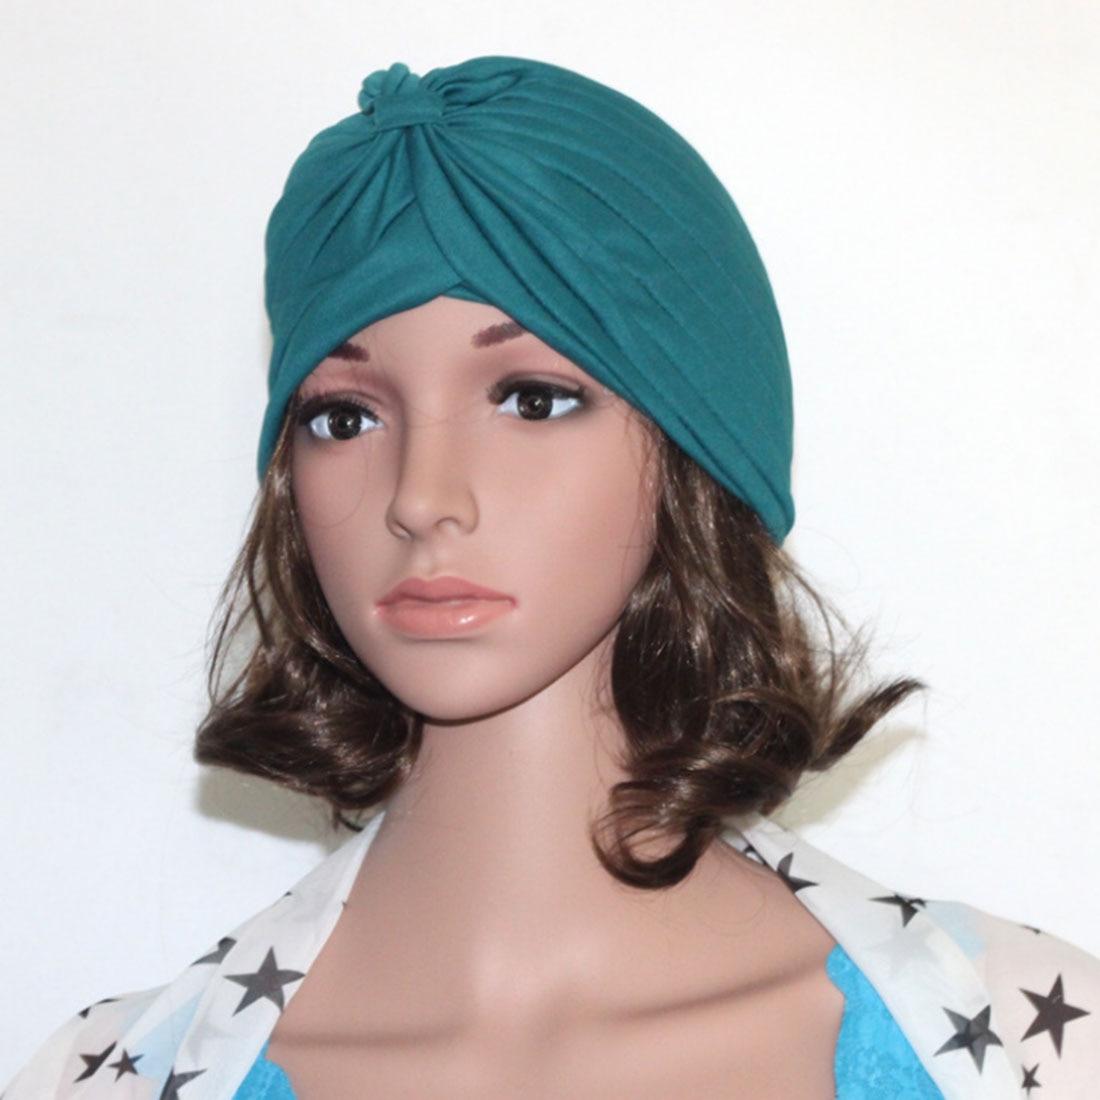 Хиджаб шарф тюрбан шапка s мусульманский головной платок Защита от солнца Кепка Женская хлопковая мусульманская многофункциональная тюрбан платок femme musulman - Цвет: 19